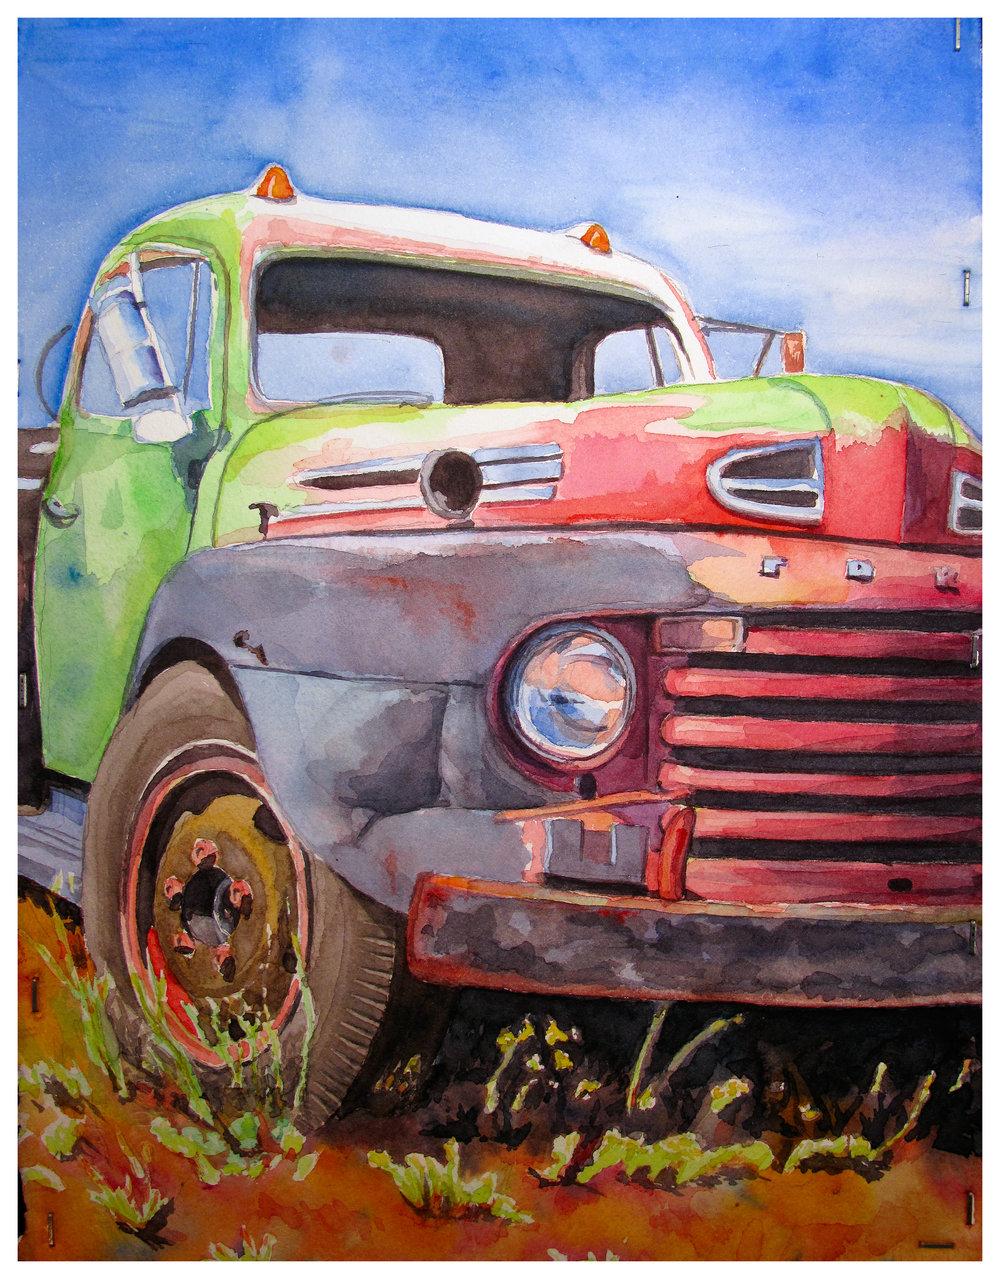 truckpainting.jpg